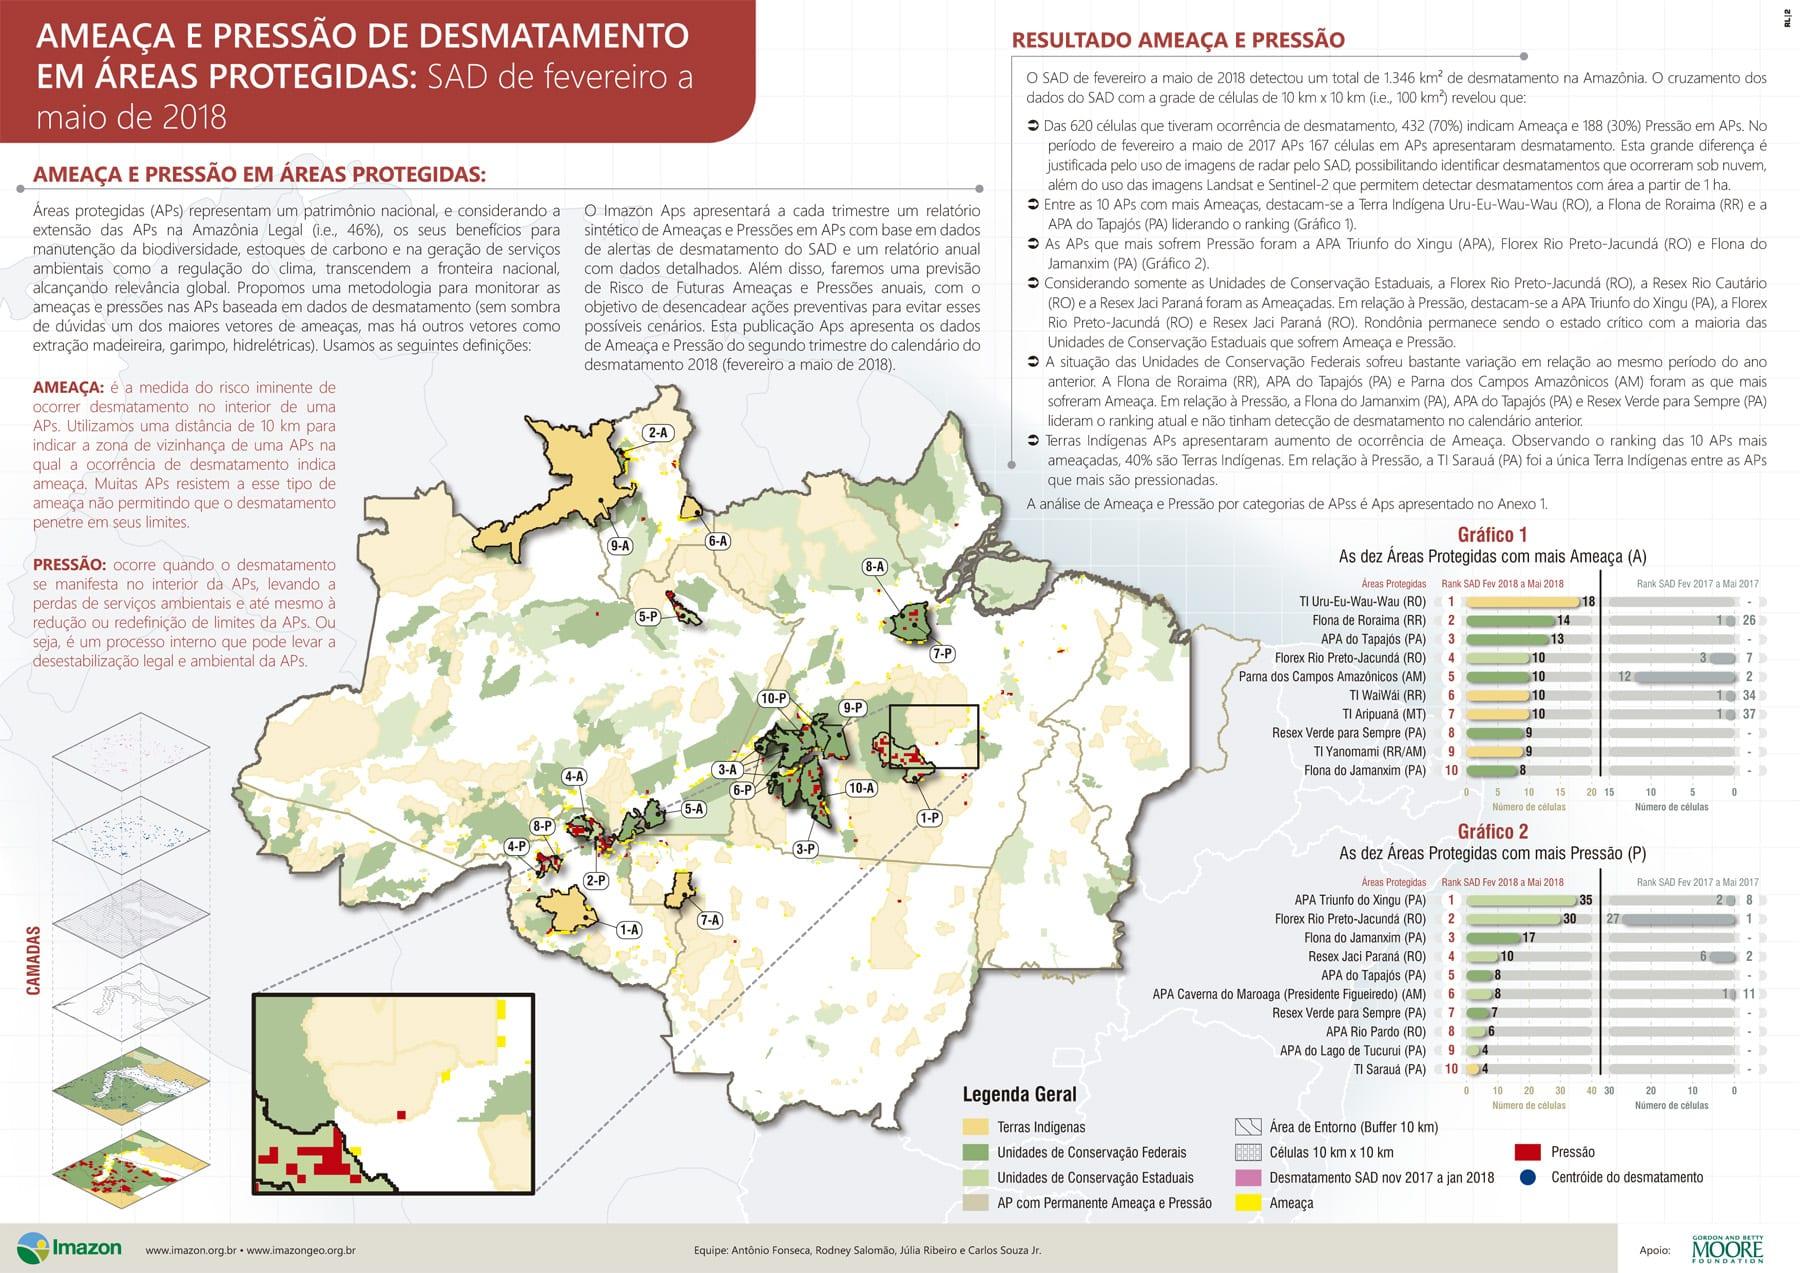 AmeacaPressao APs fevereiro a maio 2018 - Ameaça e Pressão de desmatamento em Áreas Protegidas: SAD fevereiro a maio de 2018